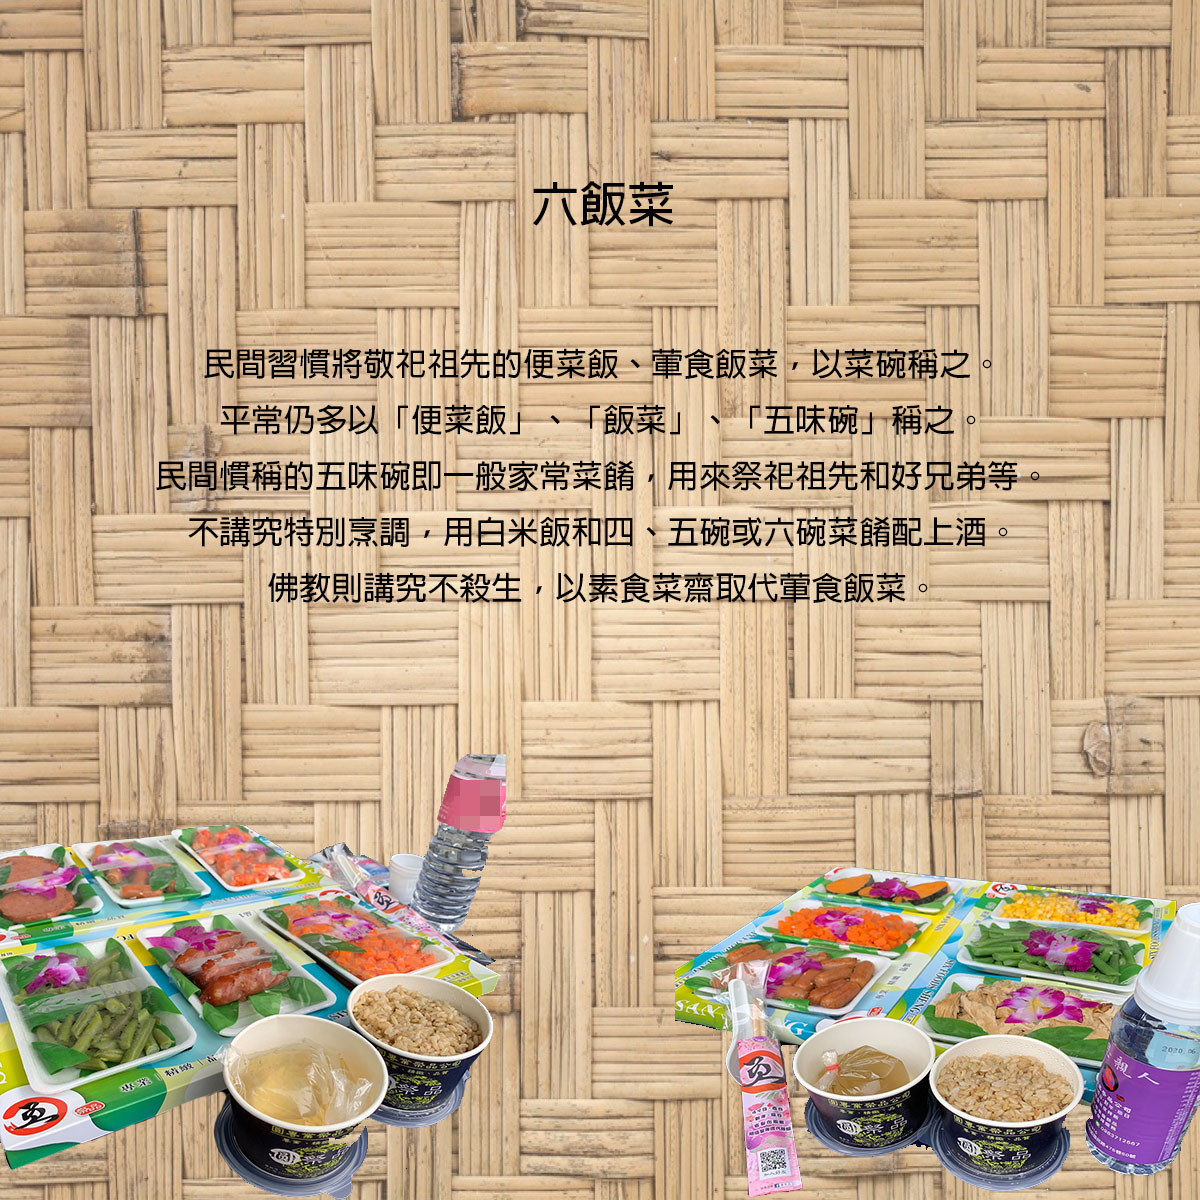 法事祭品-飽福葷六飯菜全組